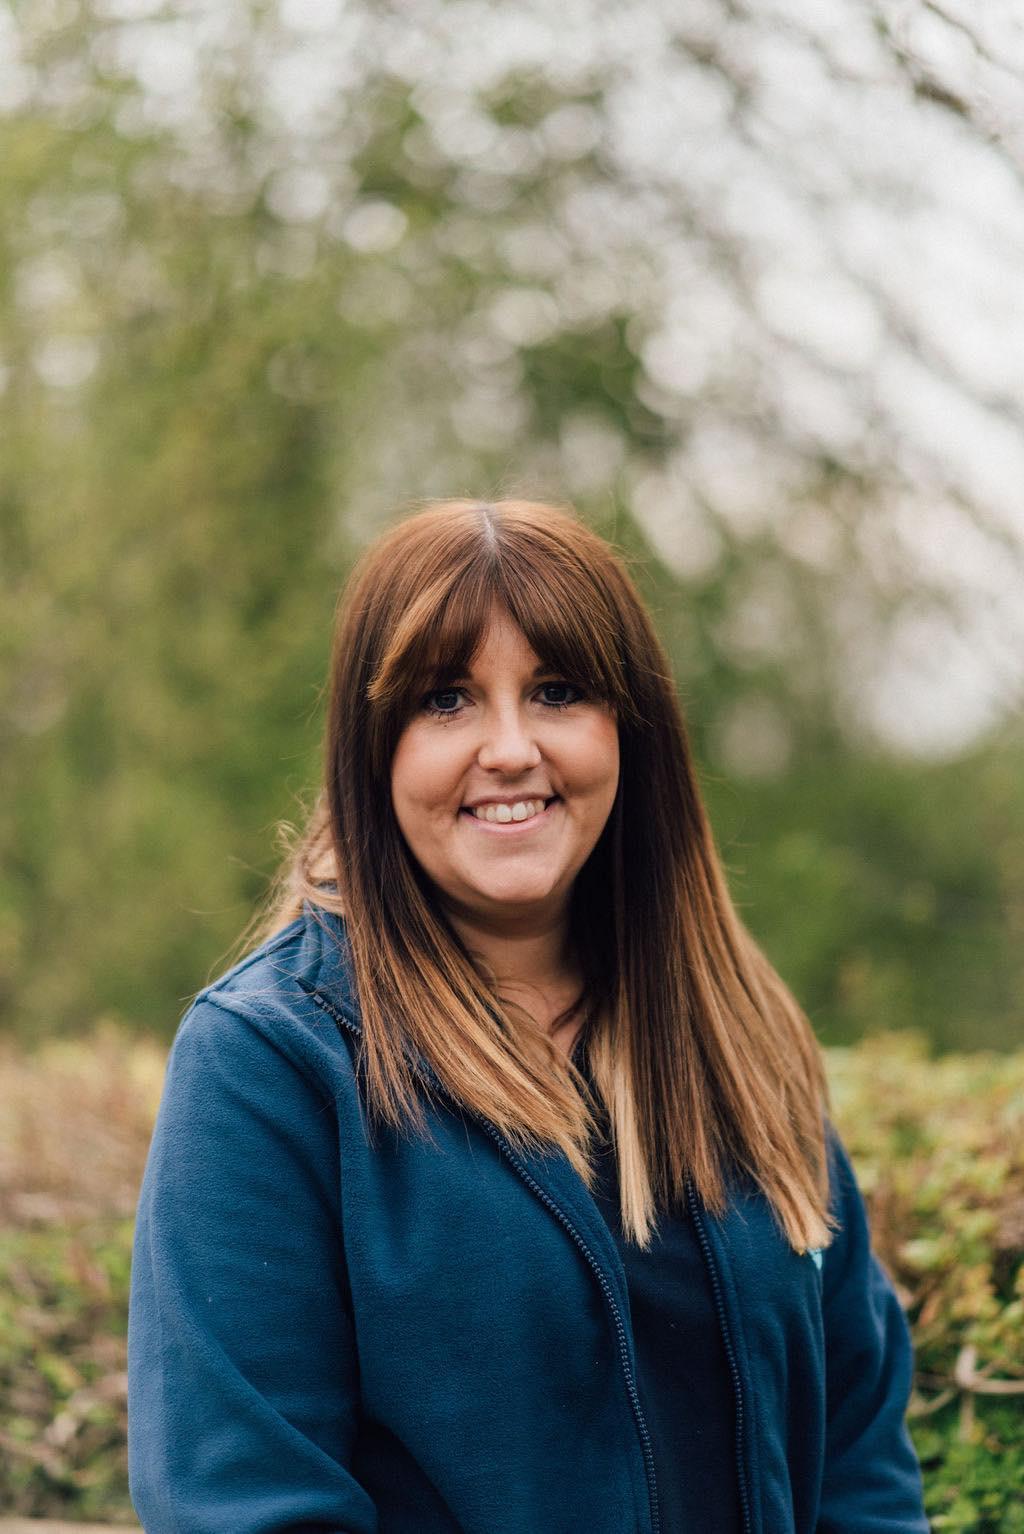 Helen Timlin